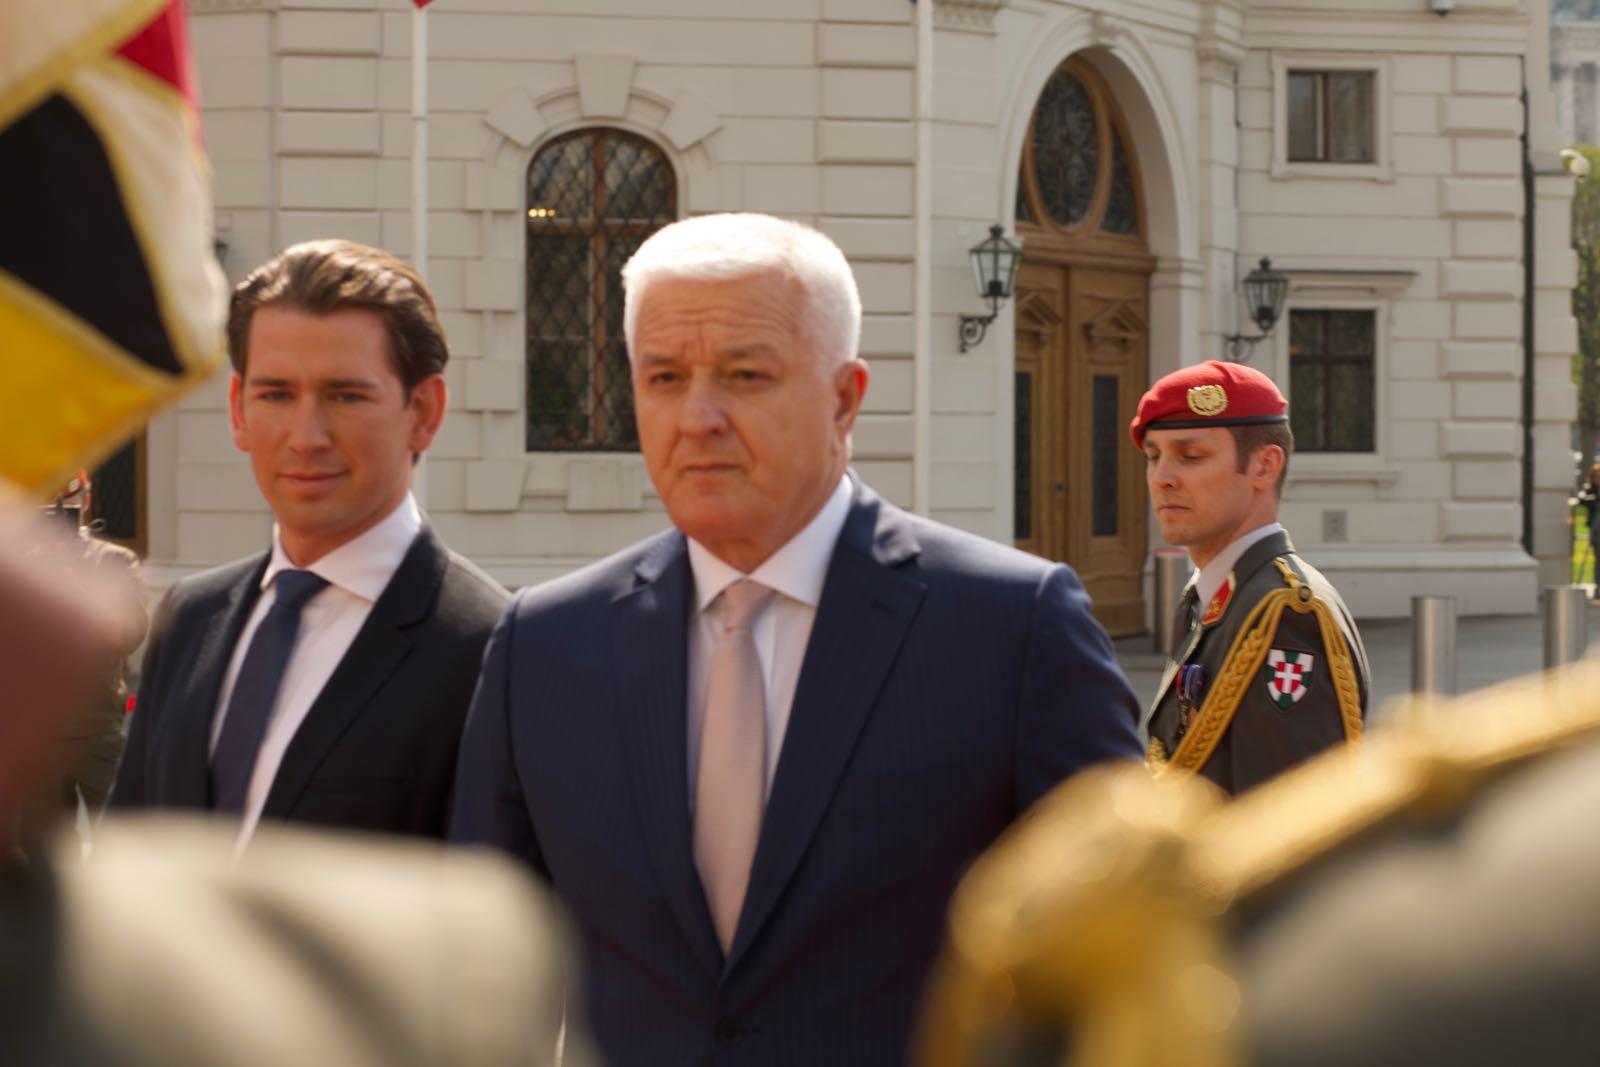 2019_04_09_4Gardekompanie_Montenegro_Ballhausplatz - 25 of 34